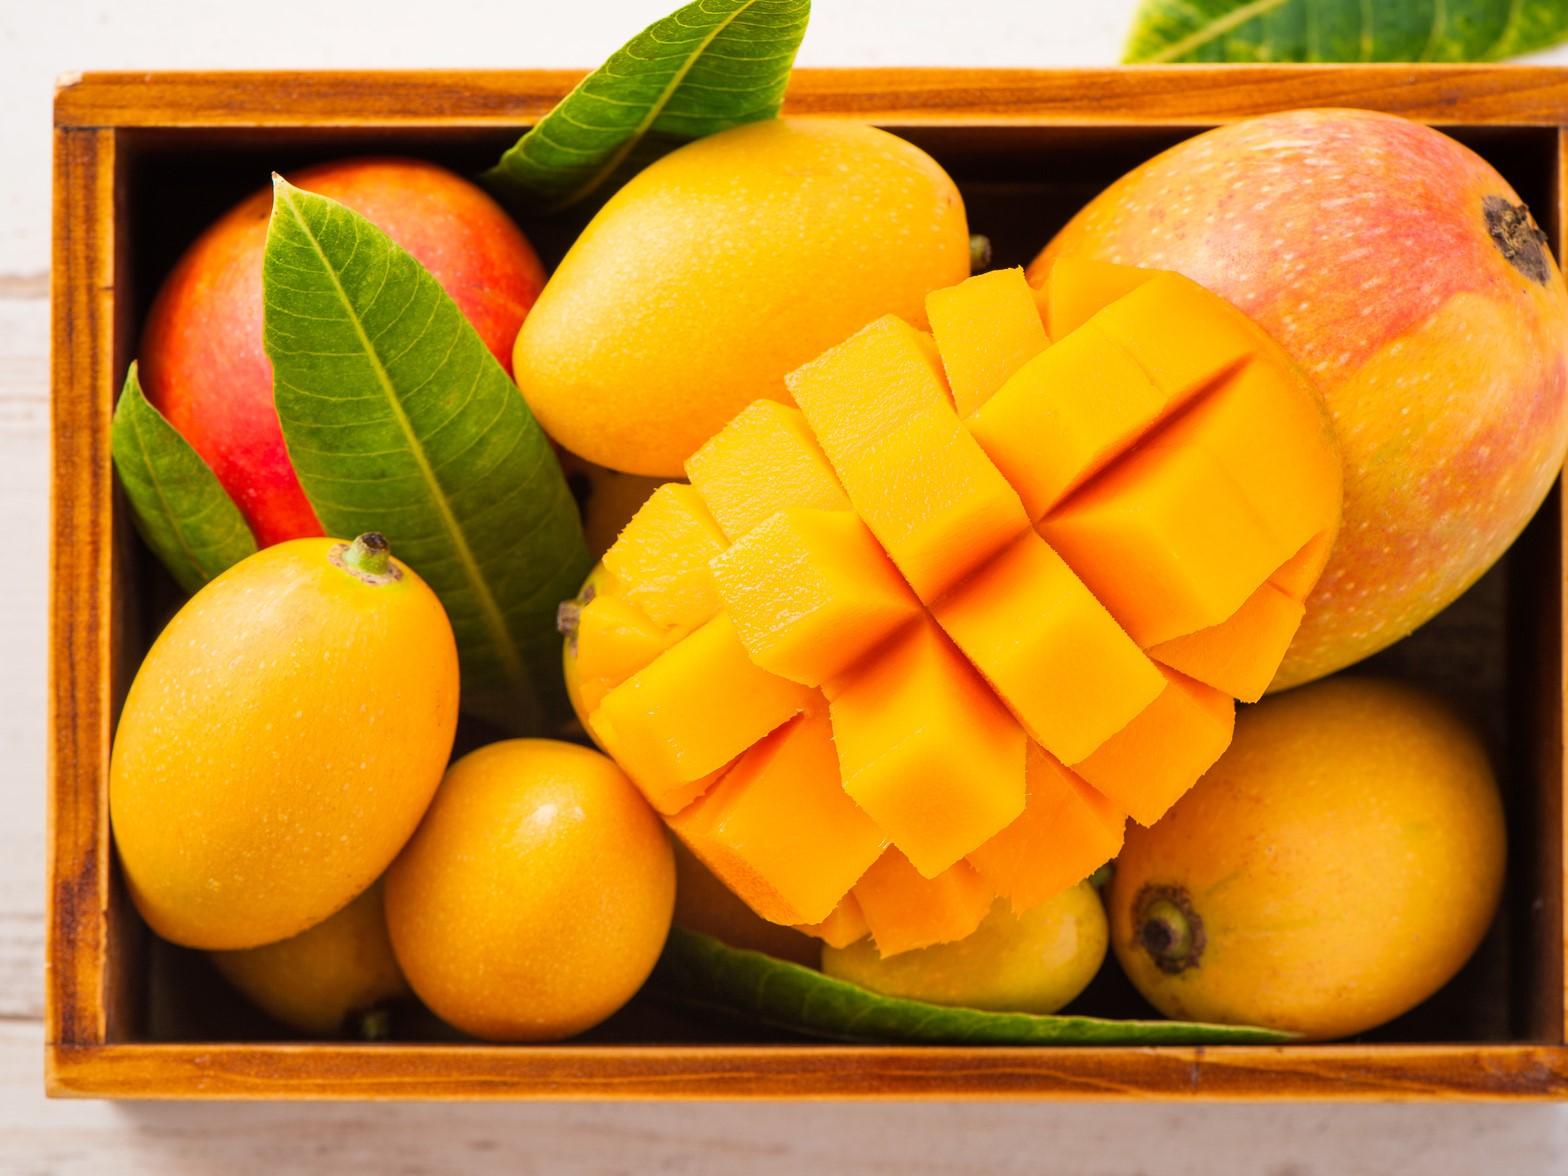 マンゴーの切り方・むき方! おいしい食べ方や栄養素・効果についても